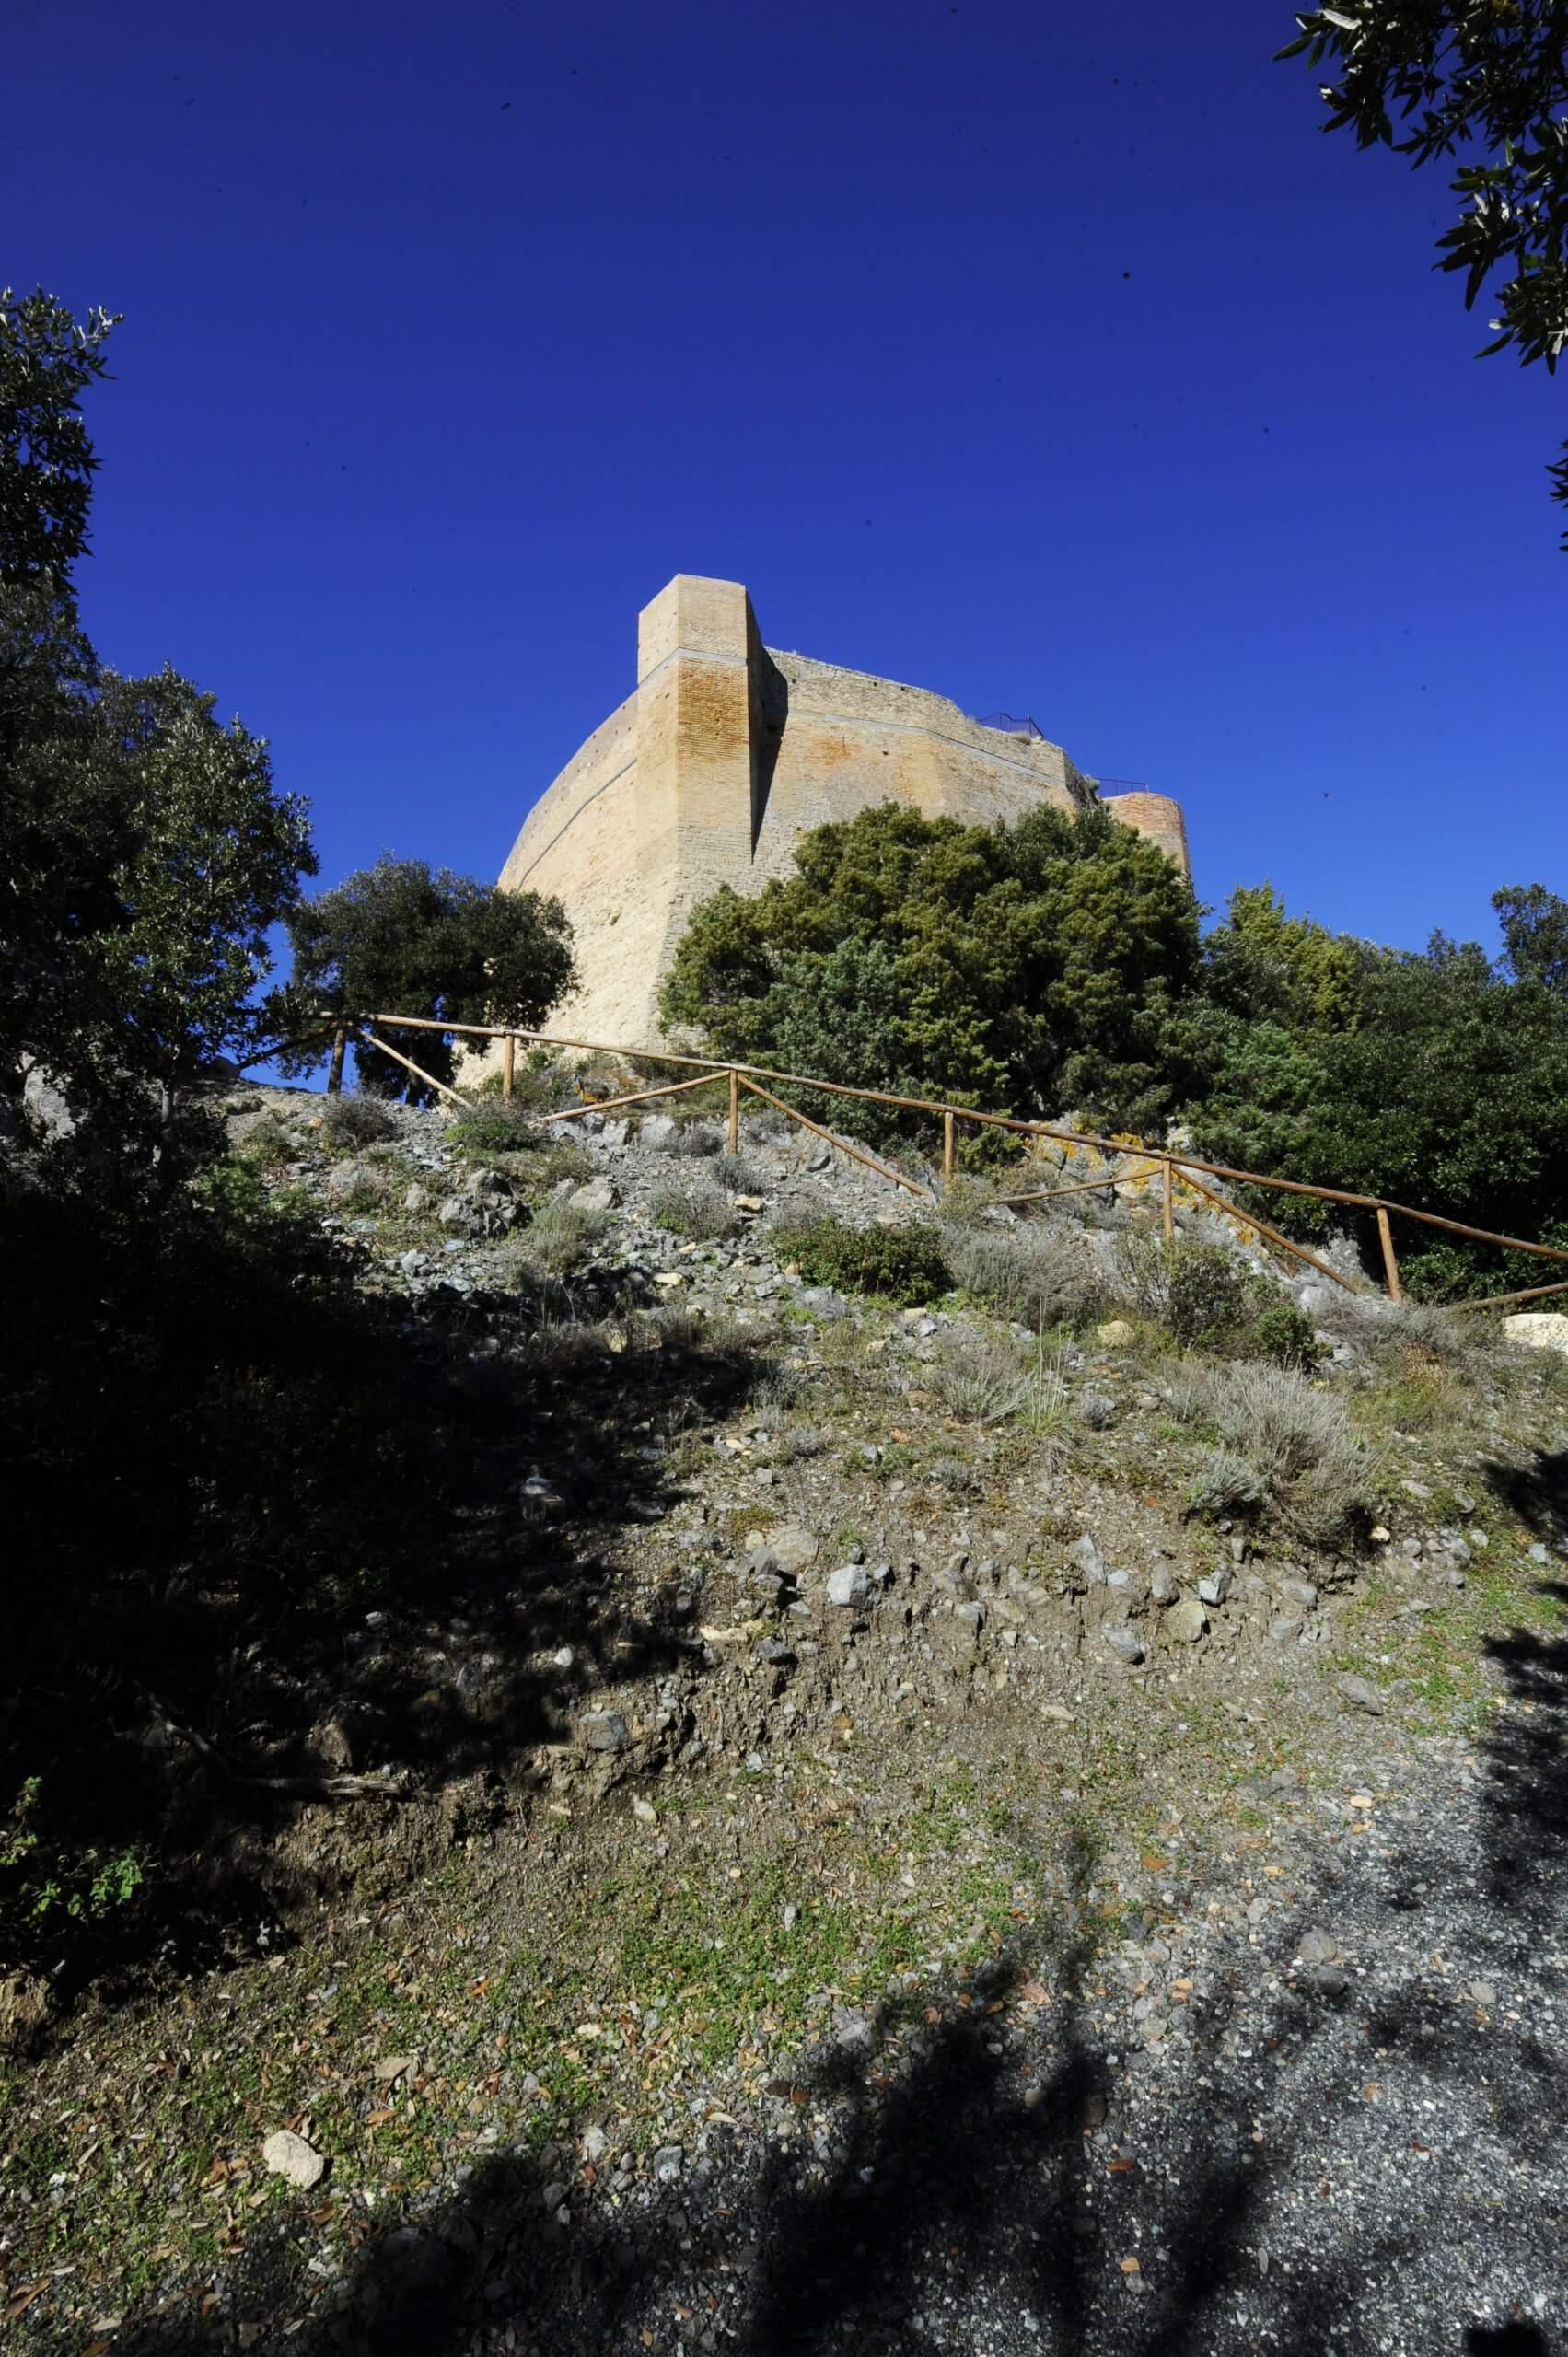 Veduta della Rocca Sillana, nel comune di Pamarance